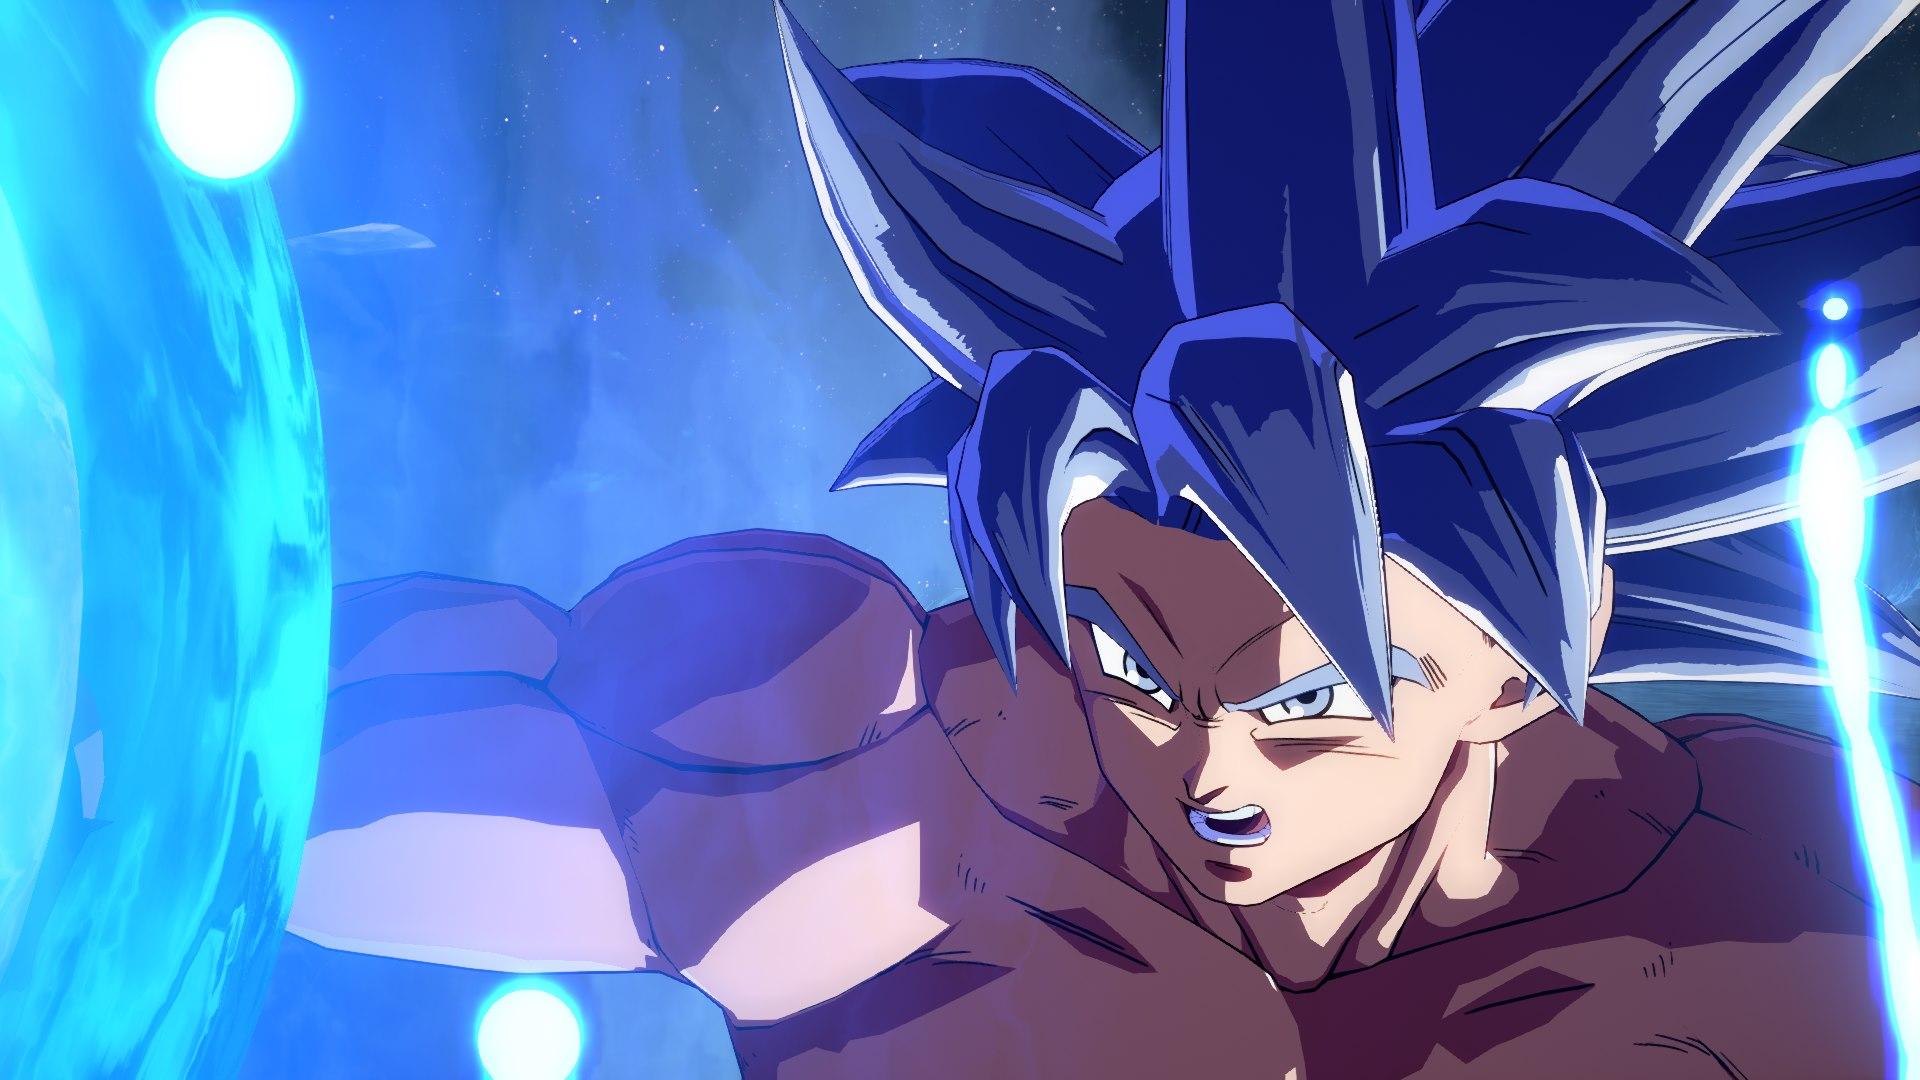 Dragon Ball FighterZ DLC Character Goku Ultra Instinct Screen 2